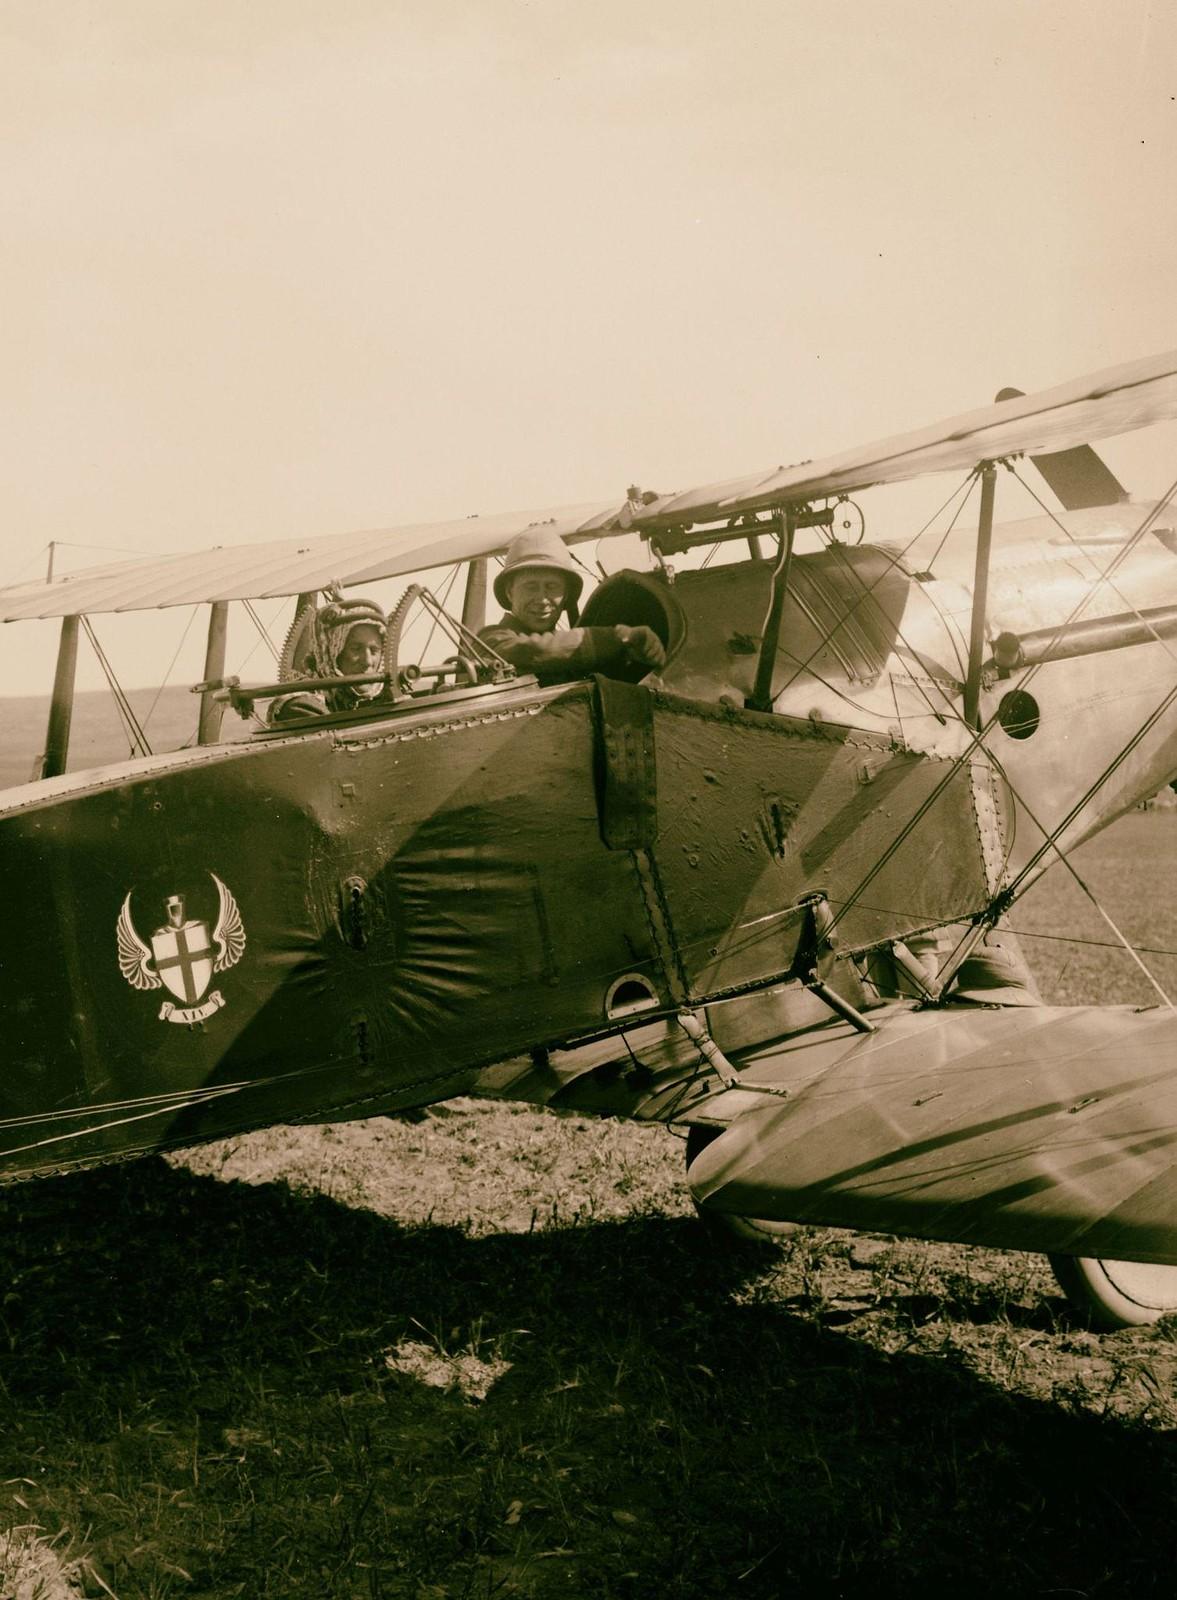 23. Полковник Т. Э. Лоуренс на самолете, готовом к полету в Азрак